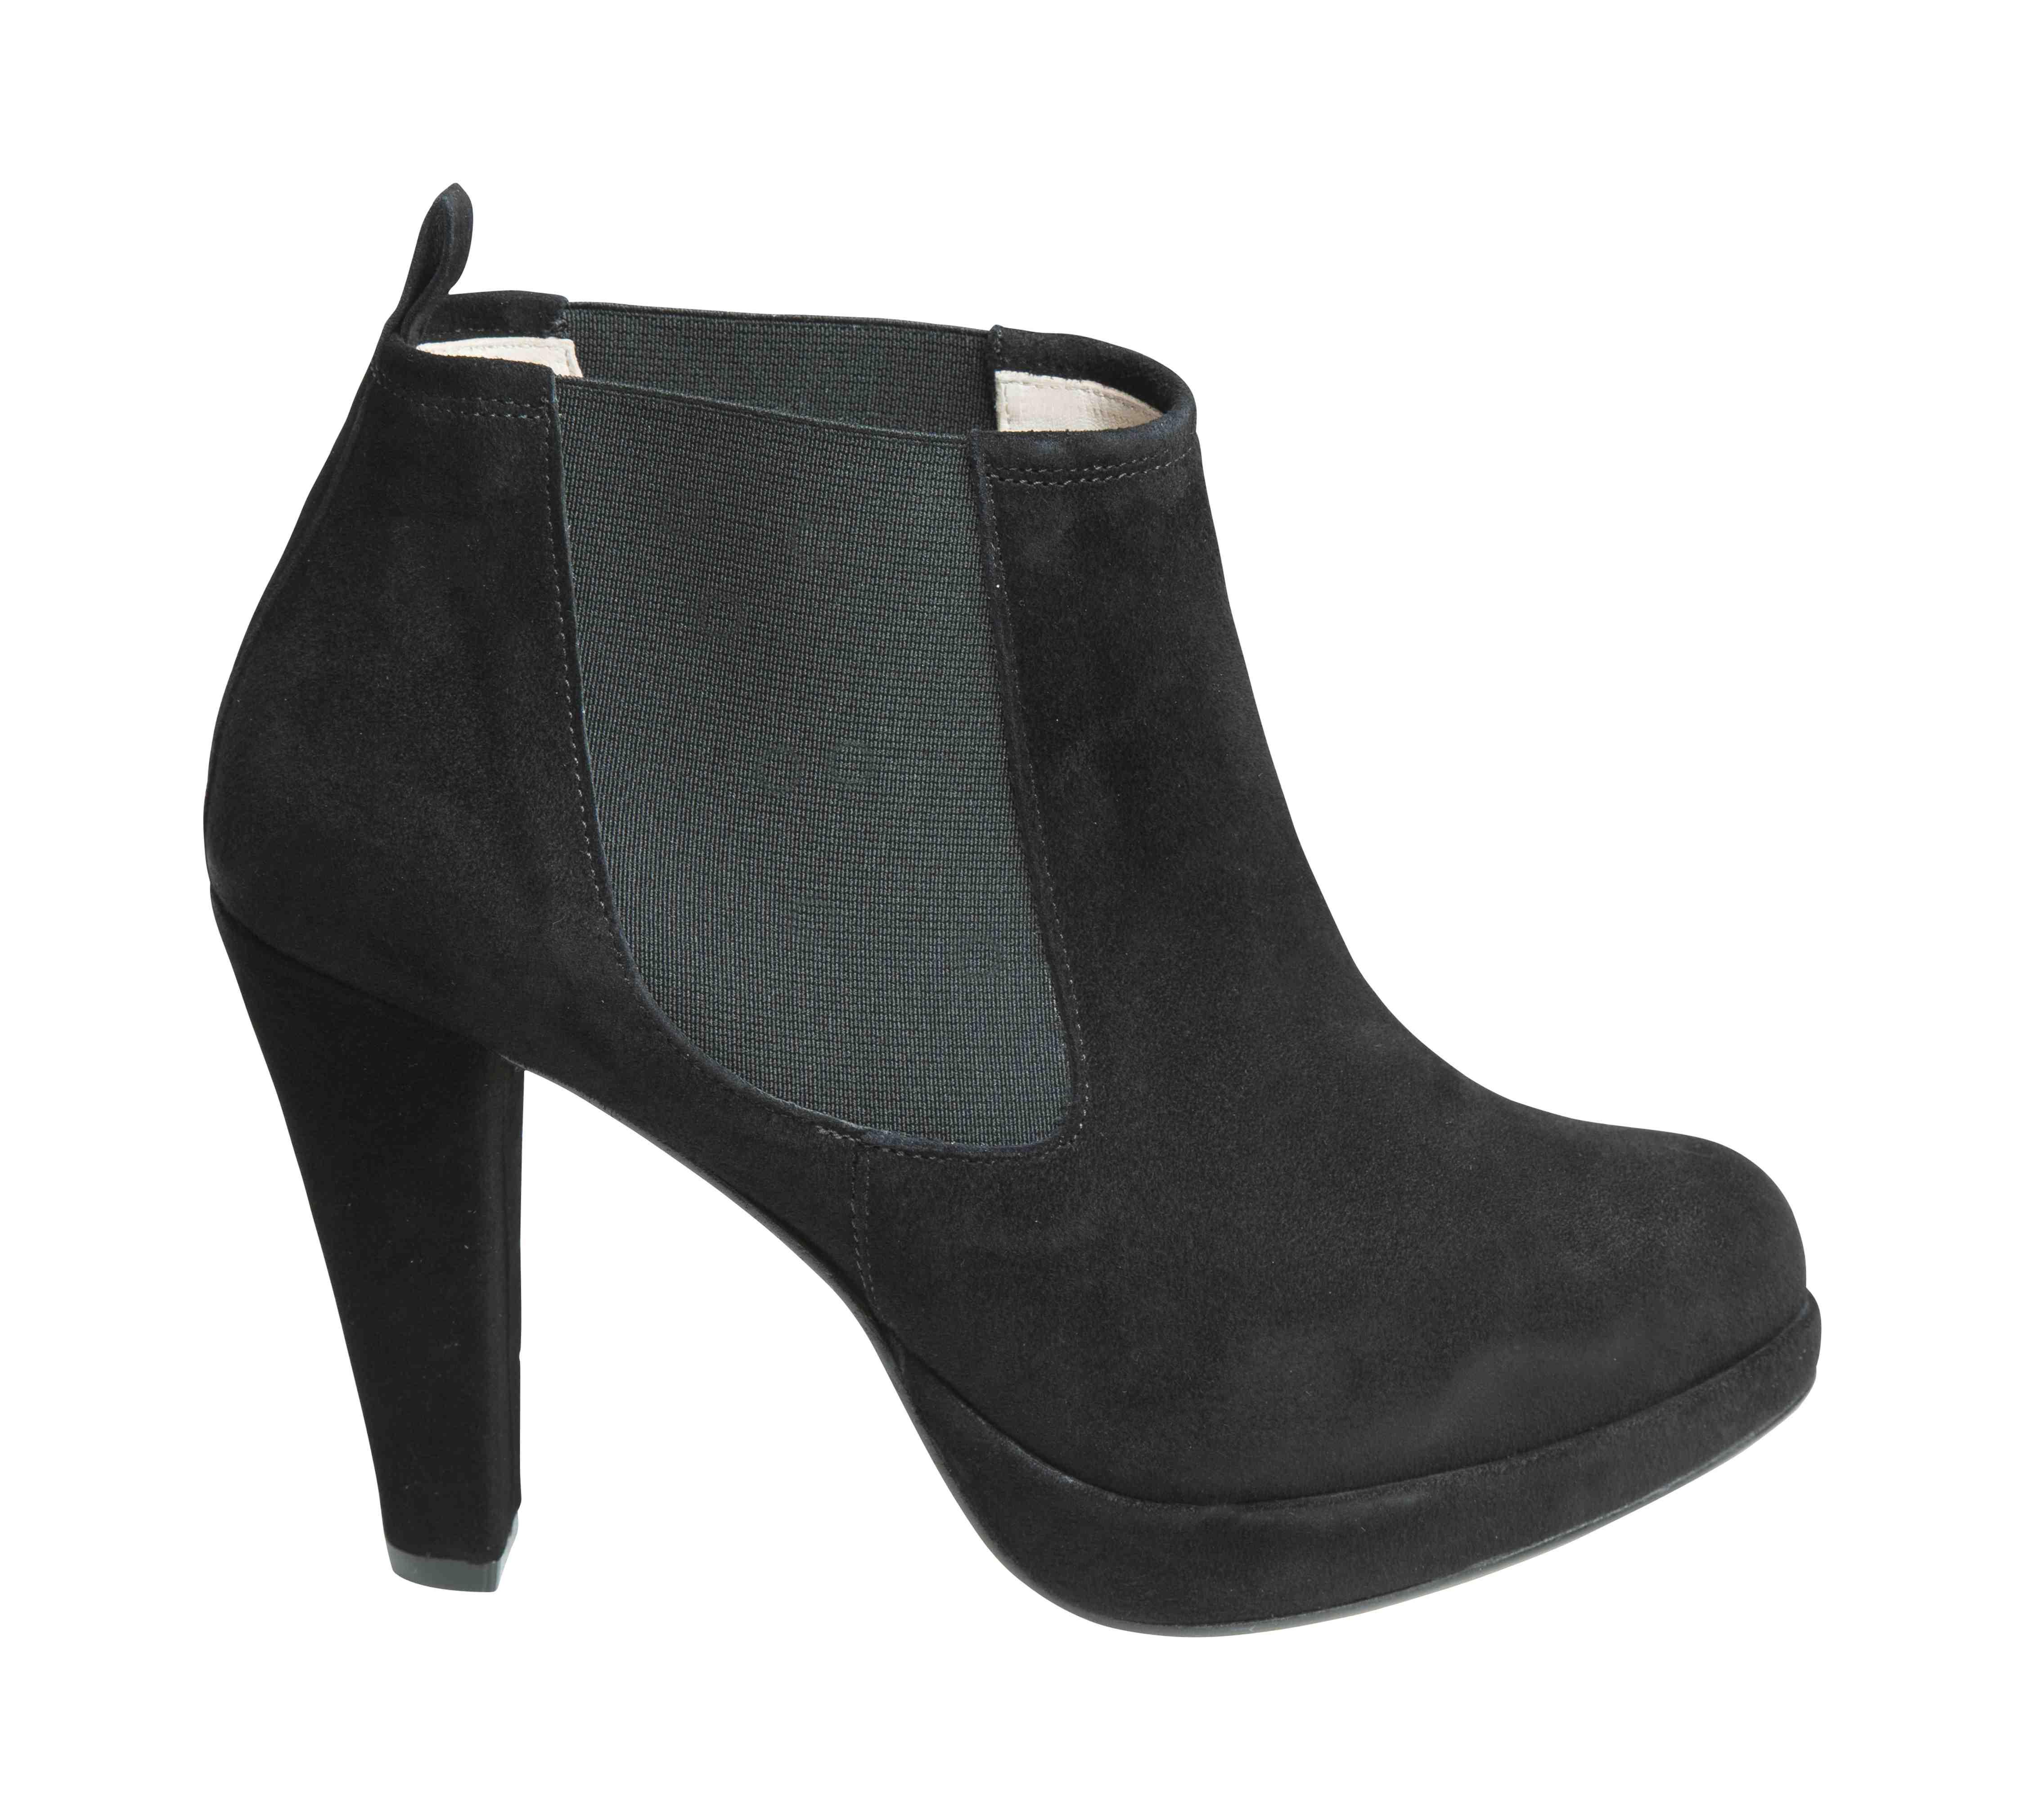 Billede af Ganni støvlet, fiona